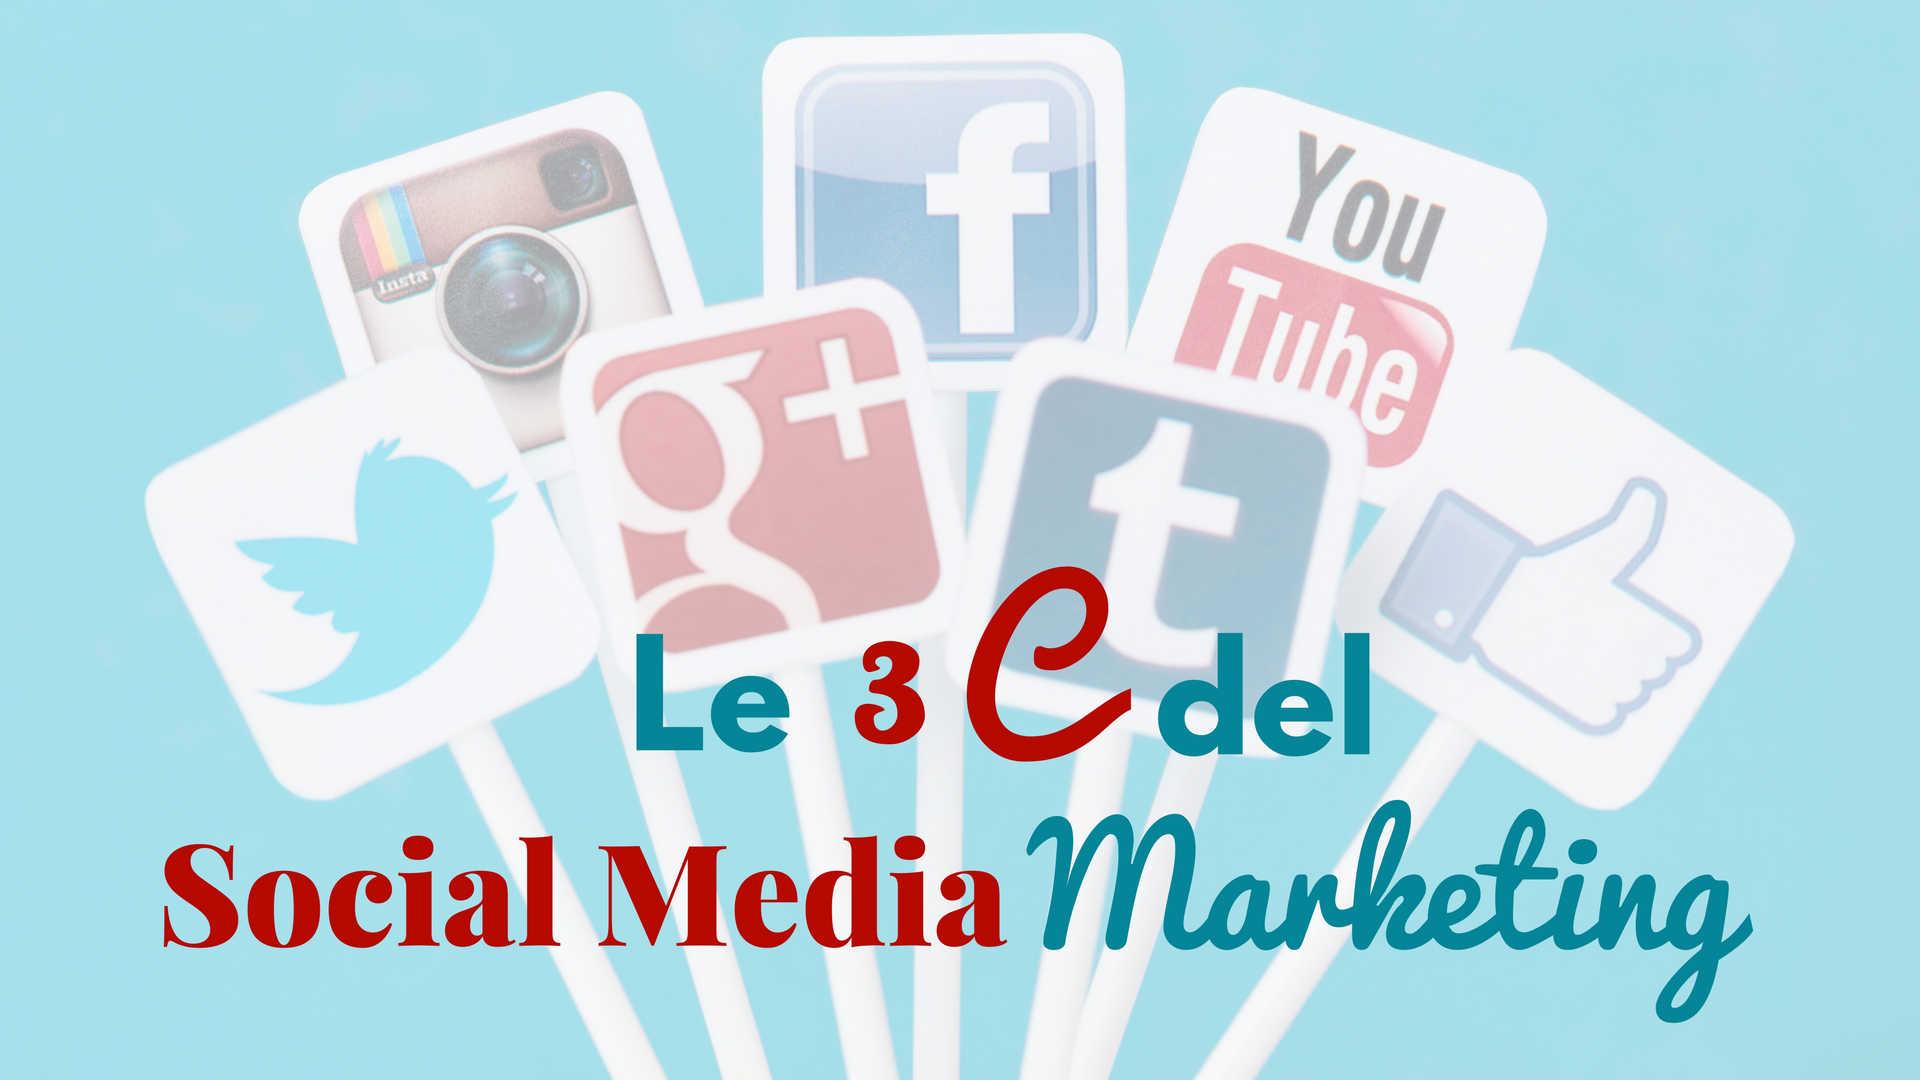 Le 3 C del Social Media Marketing